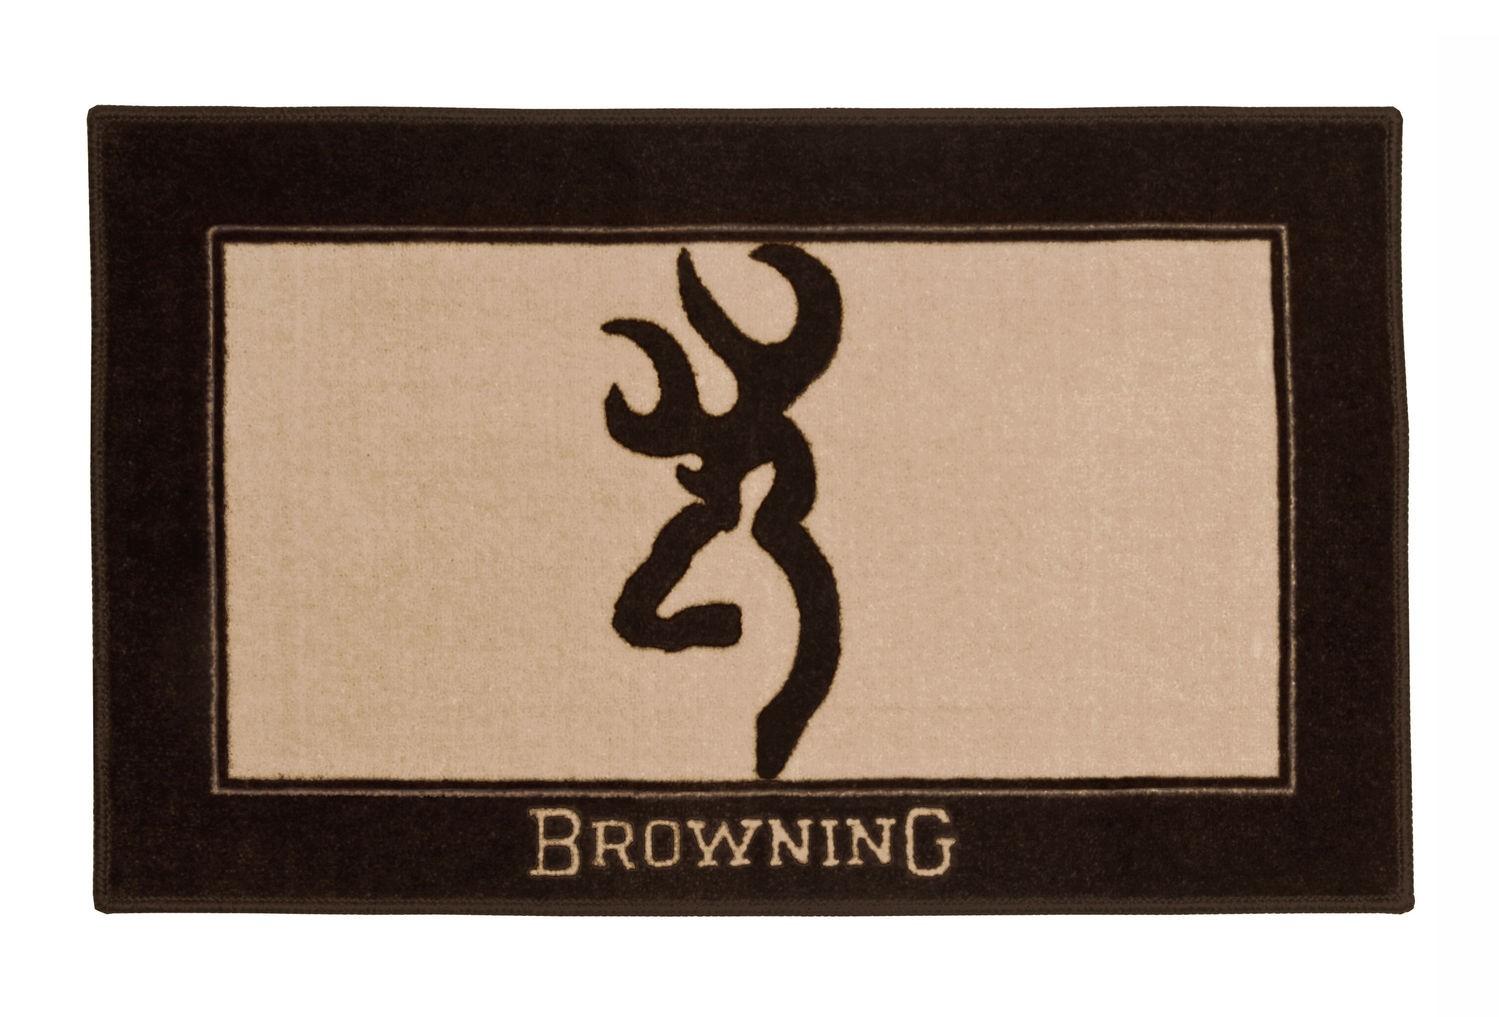 browning logo bathroom rug